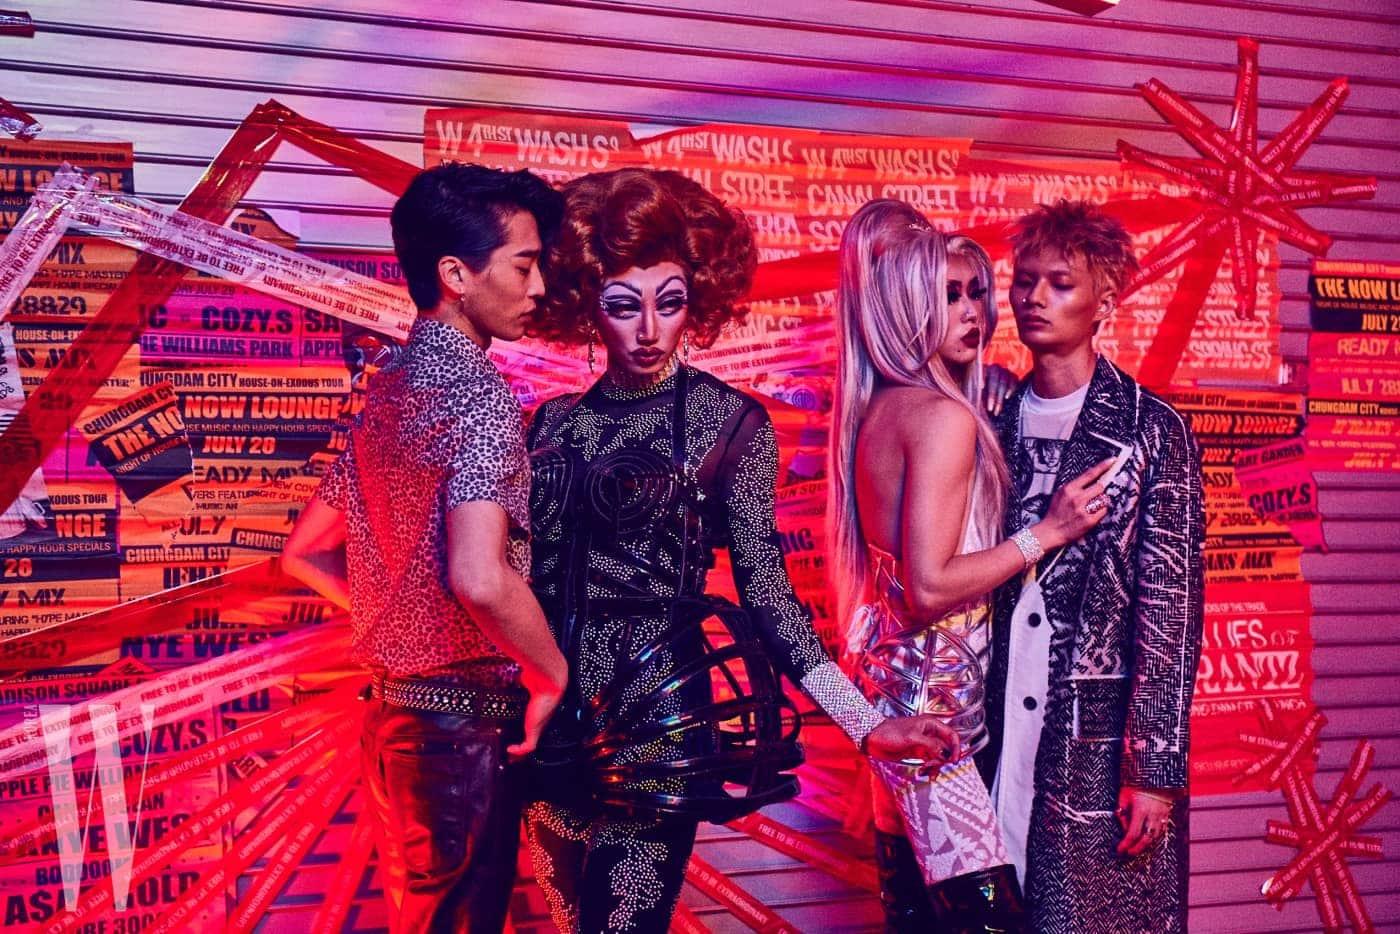 패션화보 촬영에 함께한 드랙퀸 나나와 보리. 그들의 압도적인 비주얼에 관객들은 눈을 떼지 못했다.